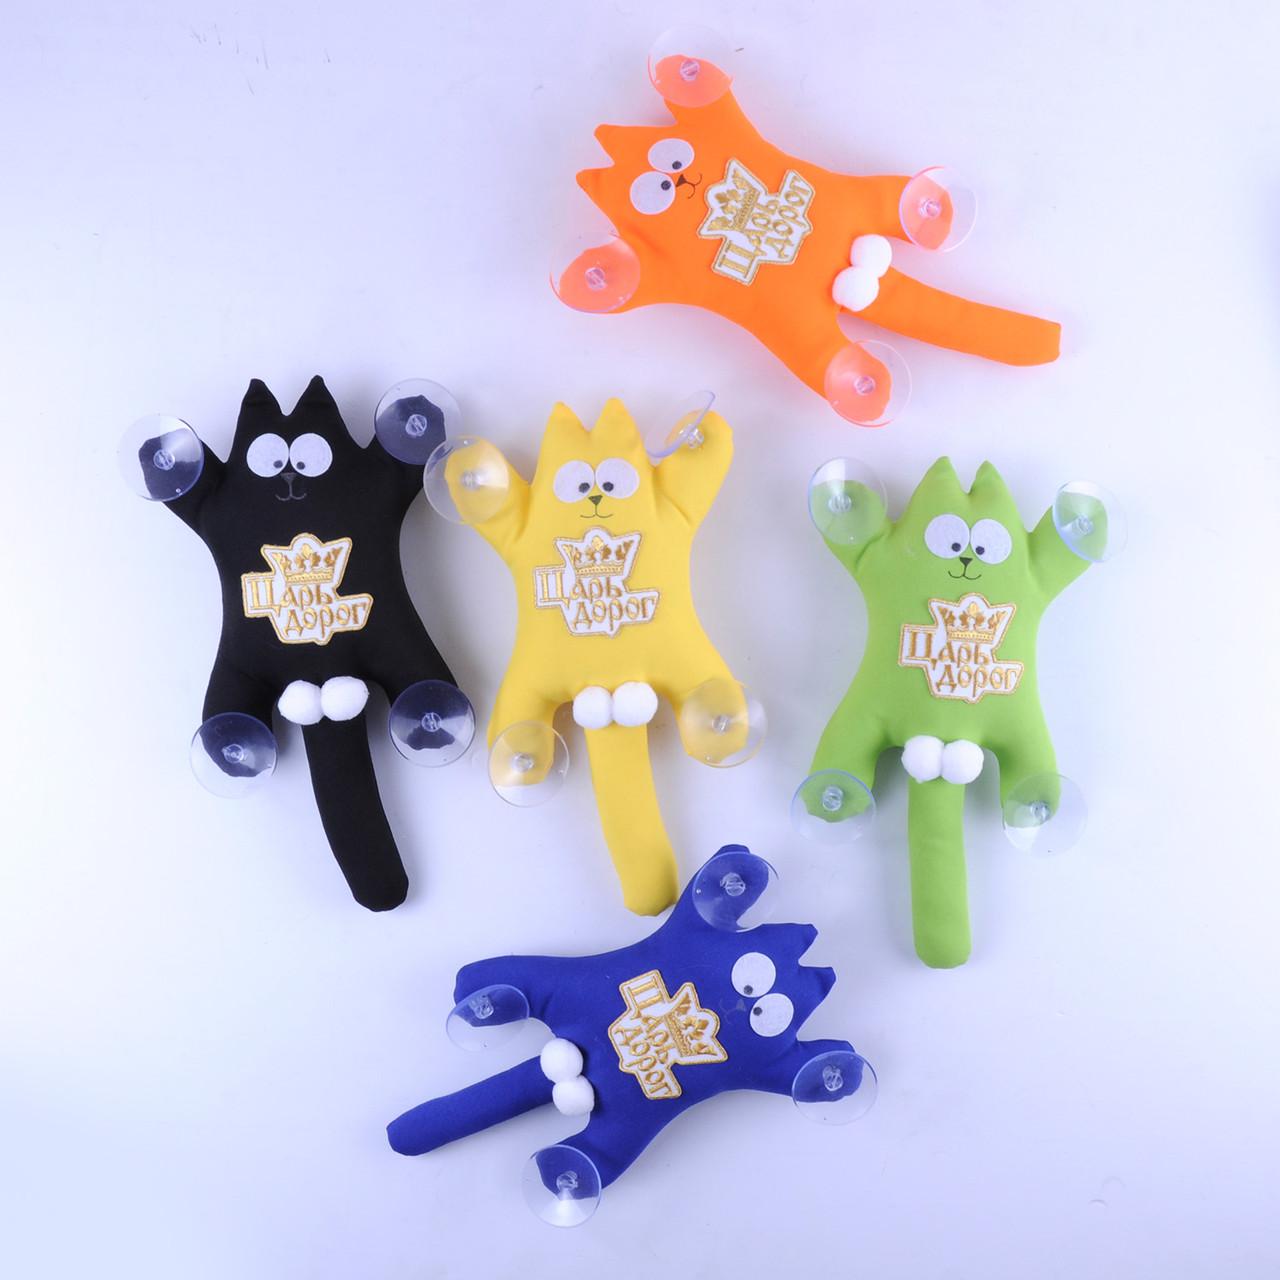 М'яка іграшка Кіт Саймон з лого Цар Доріг ручна робота